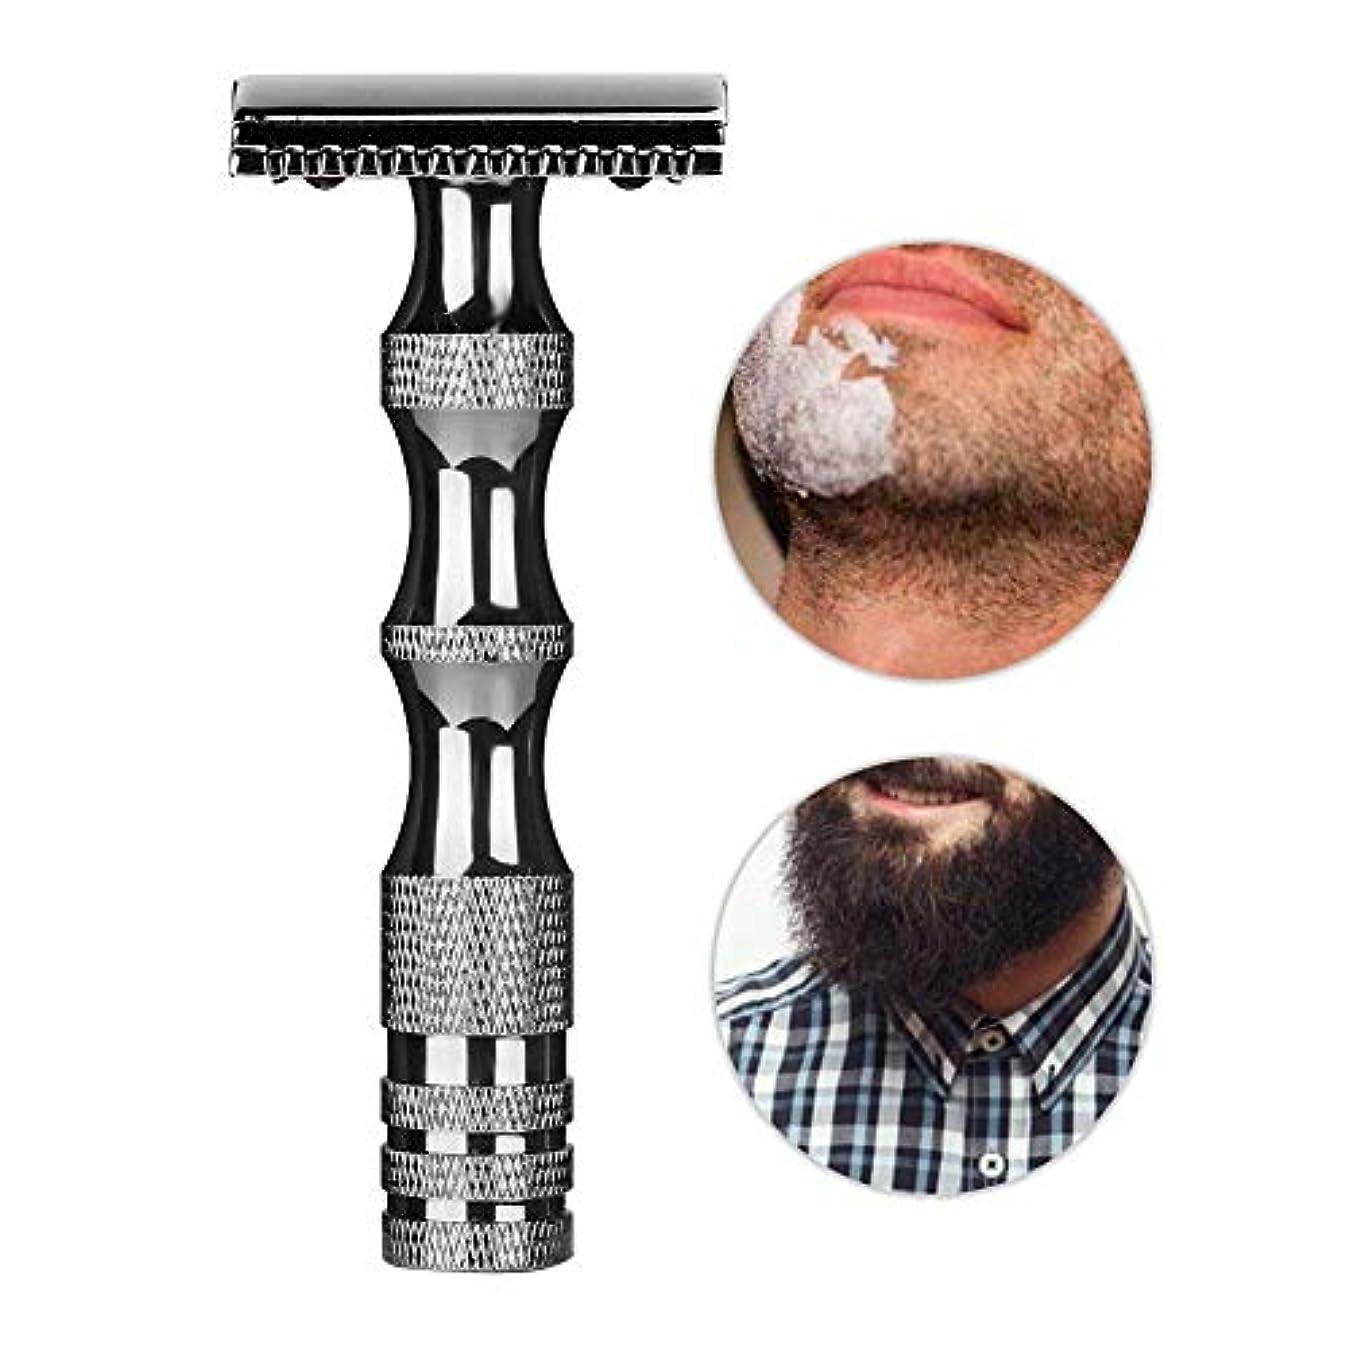 生き残りますたまに姿勢安全剃刀、クラシックメンズ滑り止めメタルハンドルデュアルエッジシェーバーヴィンテージスタイルメンズ安全剃刀、スムーズで快適な髭剃り(Dark Silver)